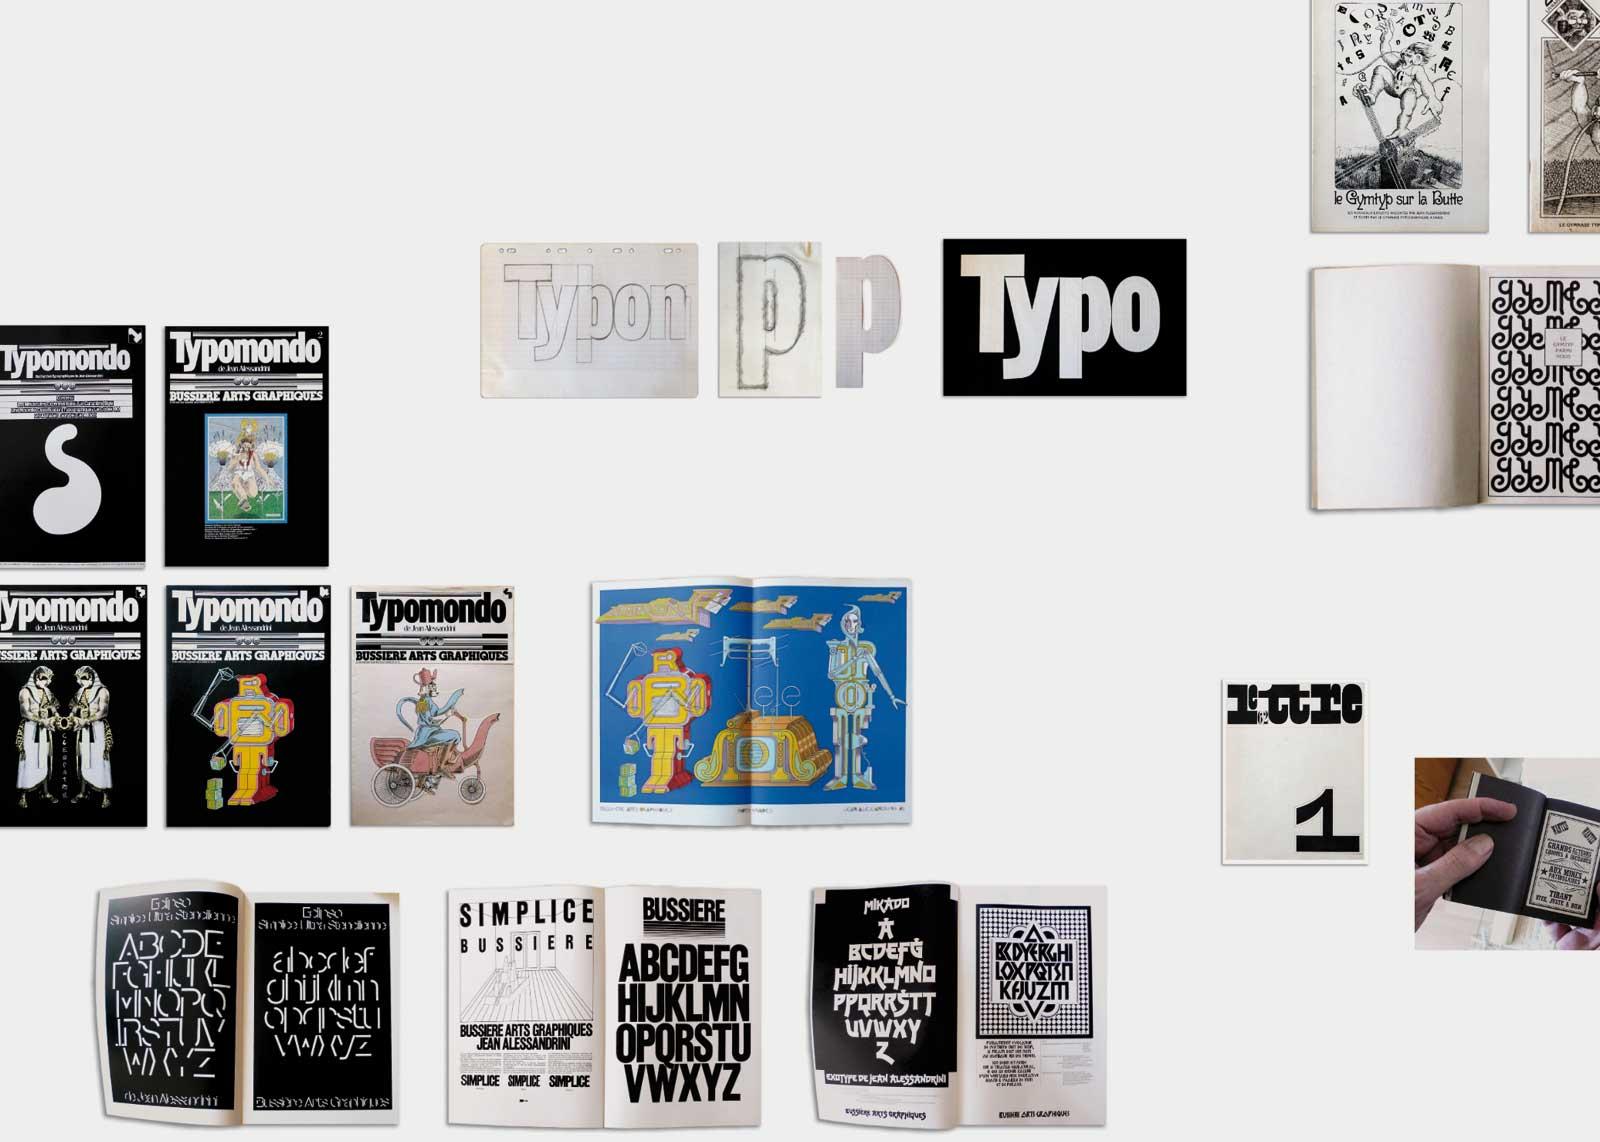 Jean Alessandrini — Revue Typomondo, pour bussière arts graphiques (1983).